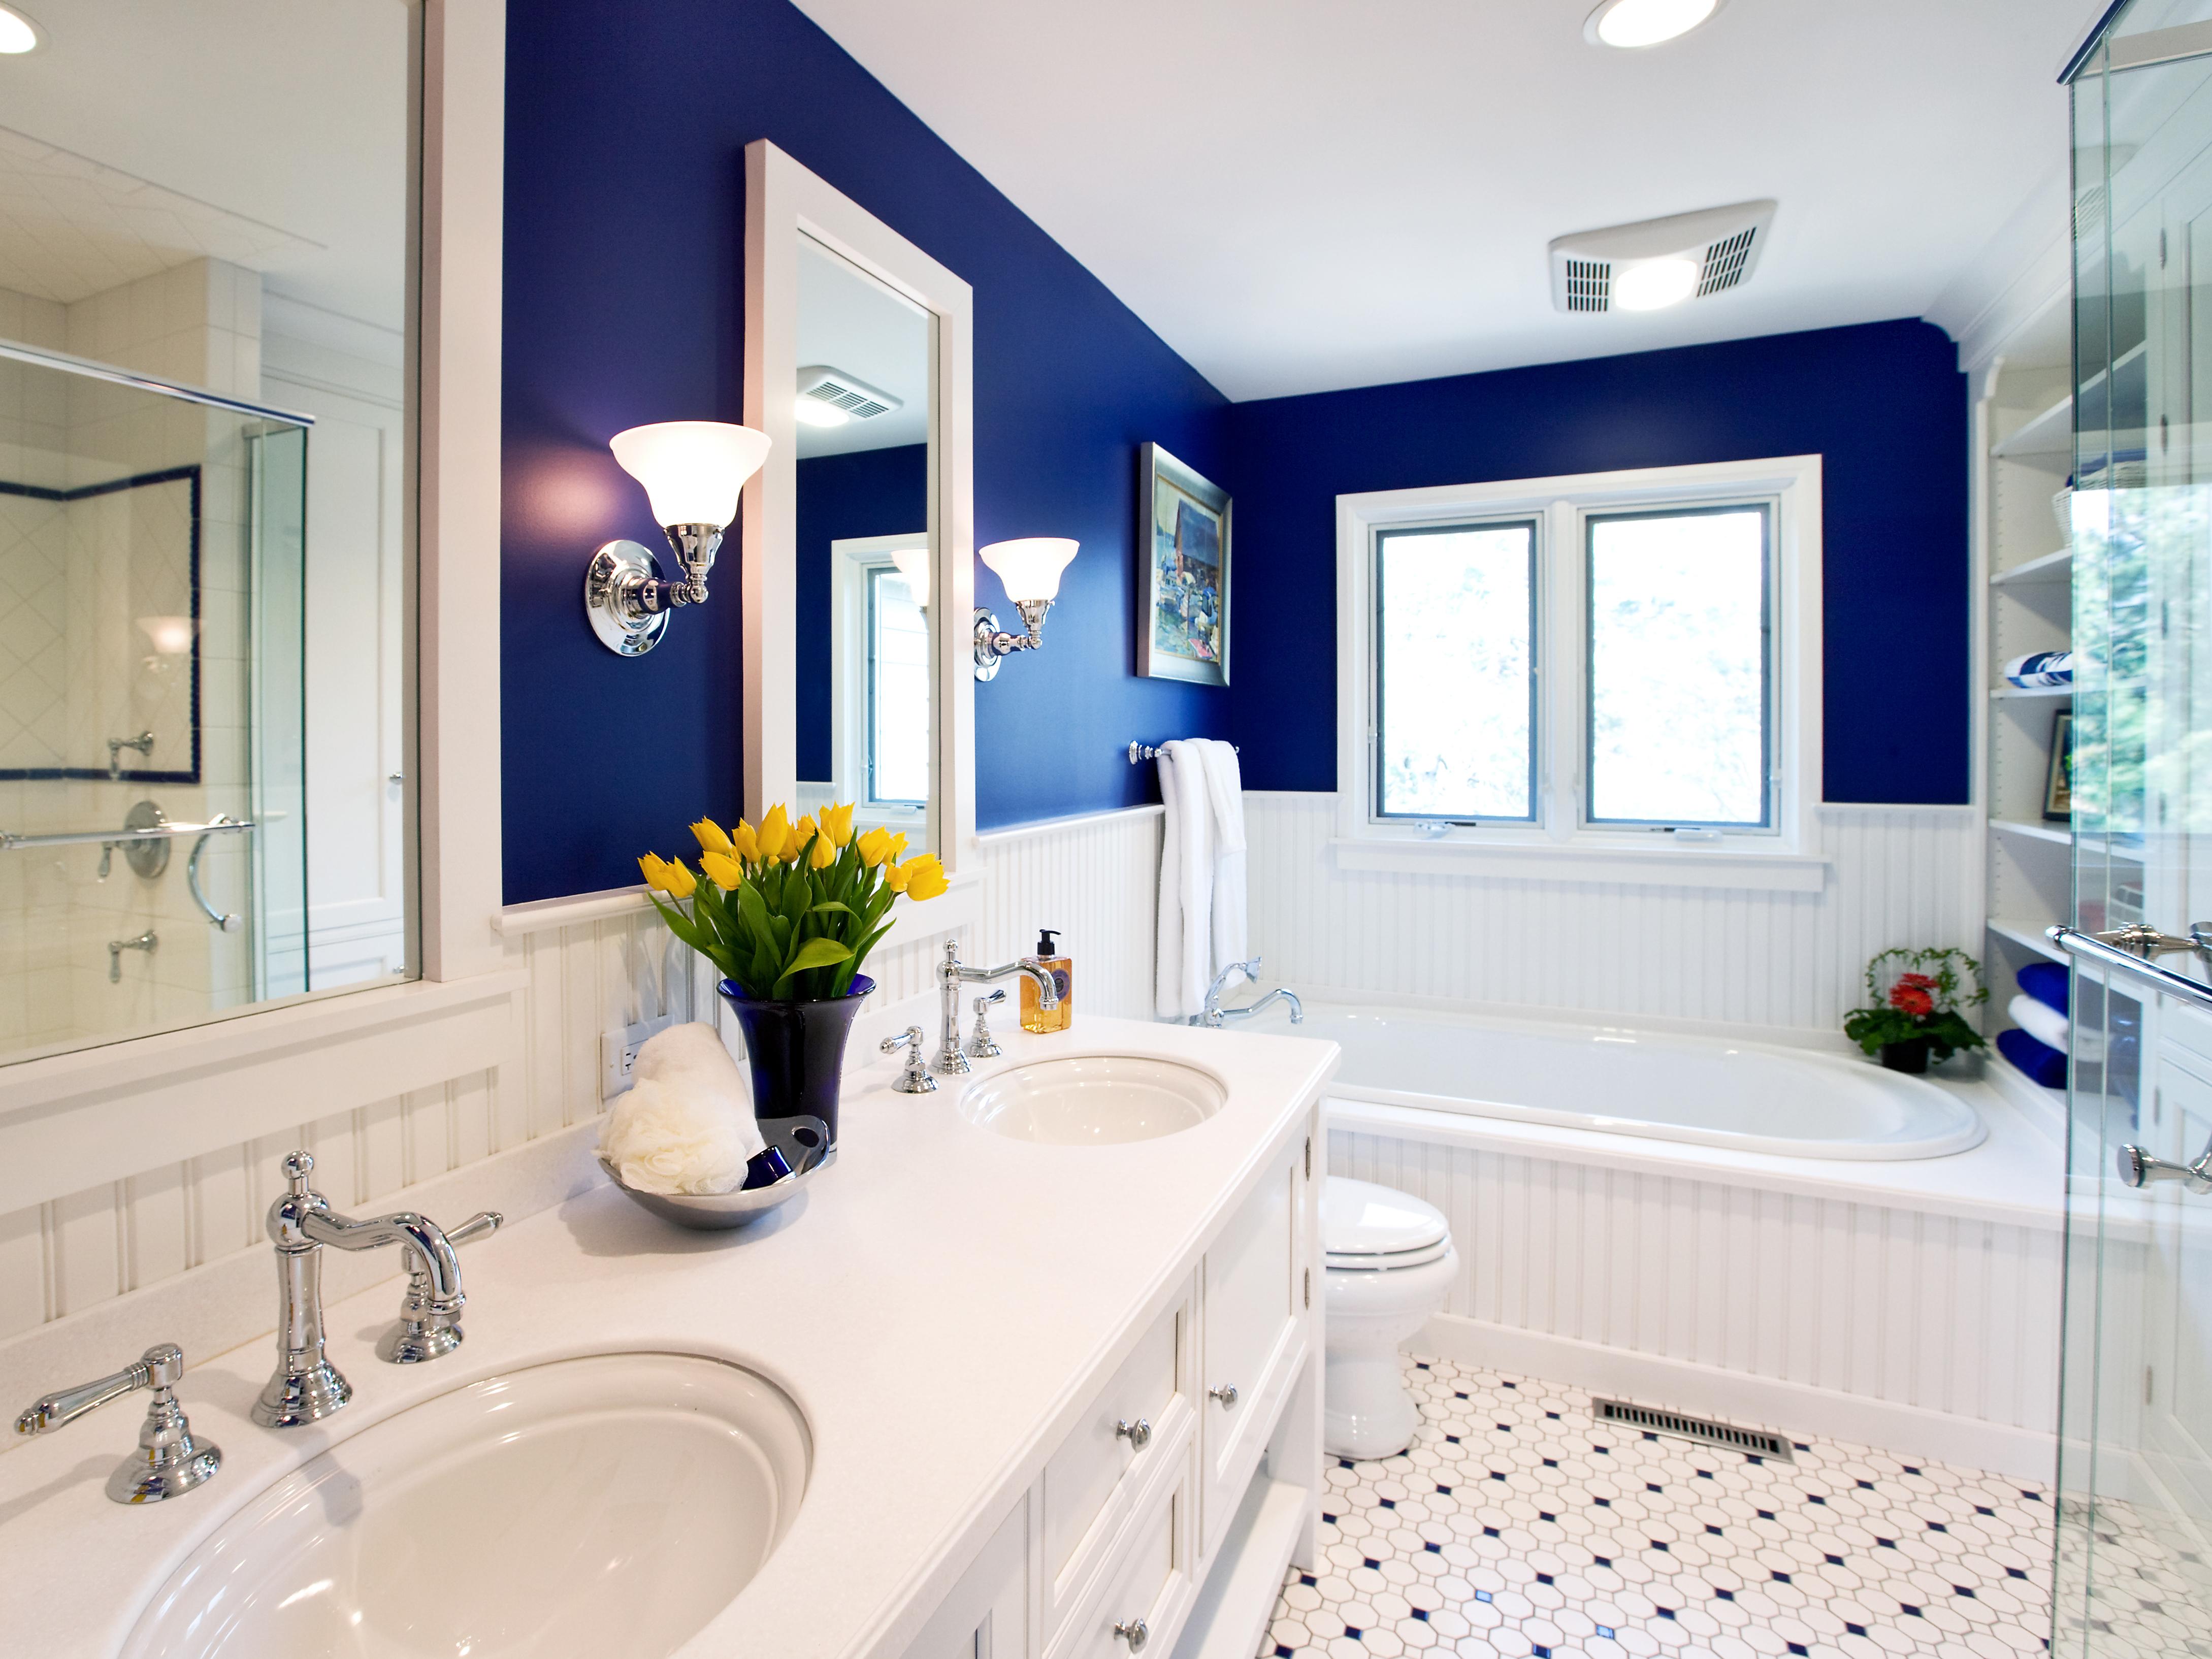 Фото интерьер дизайн ванной комнаты